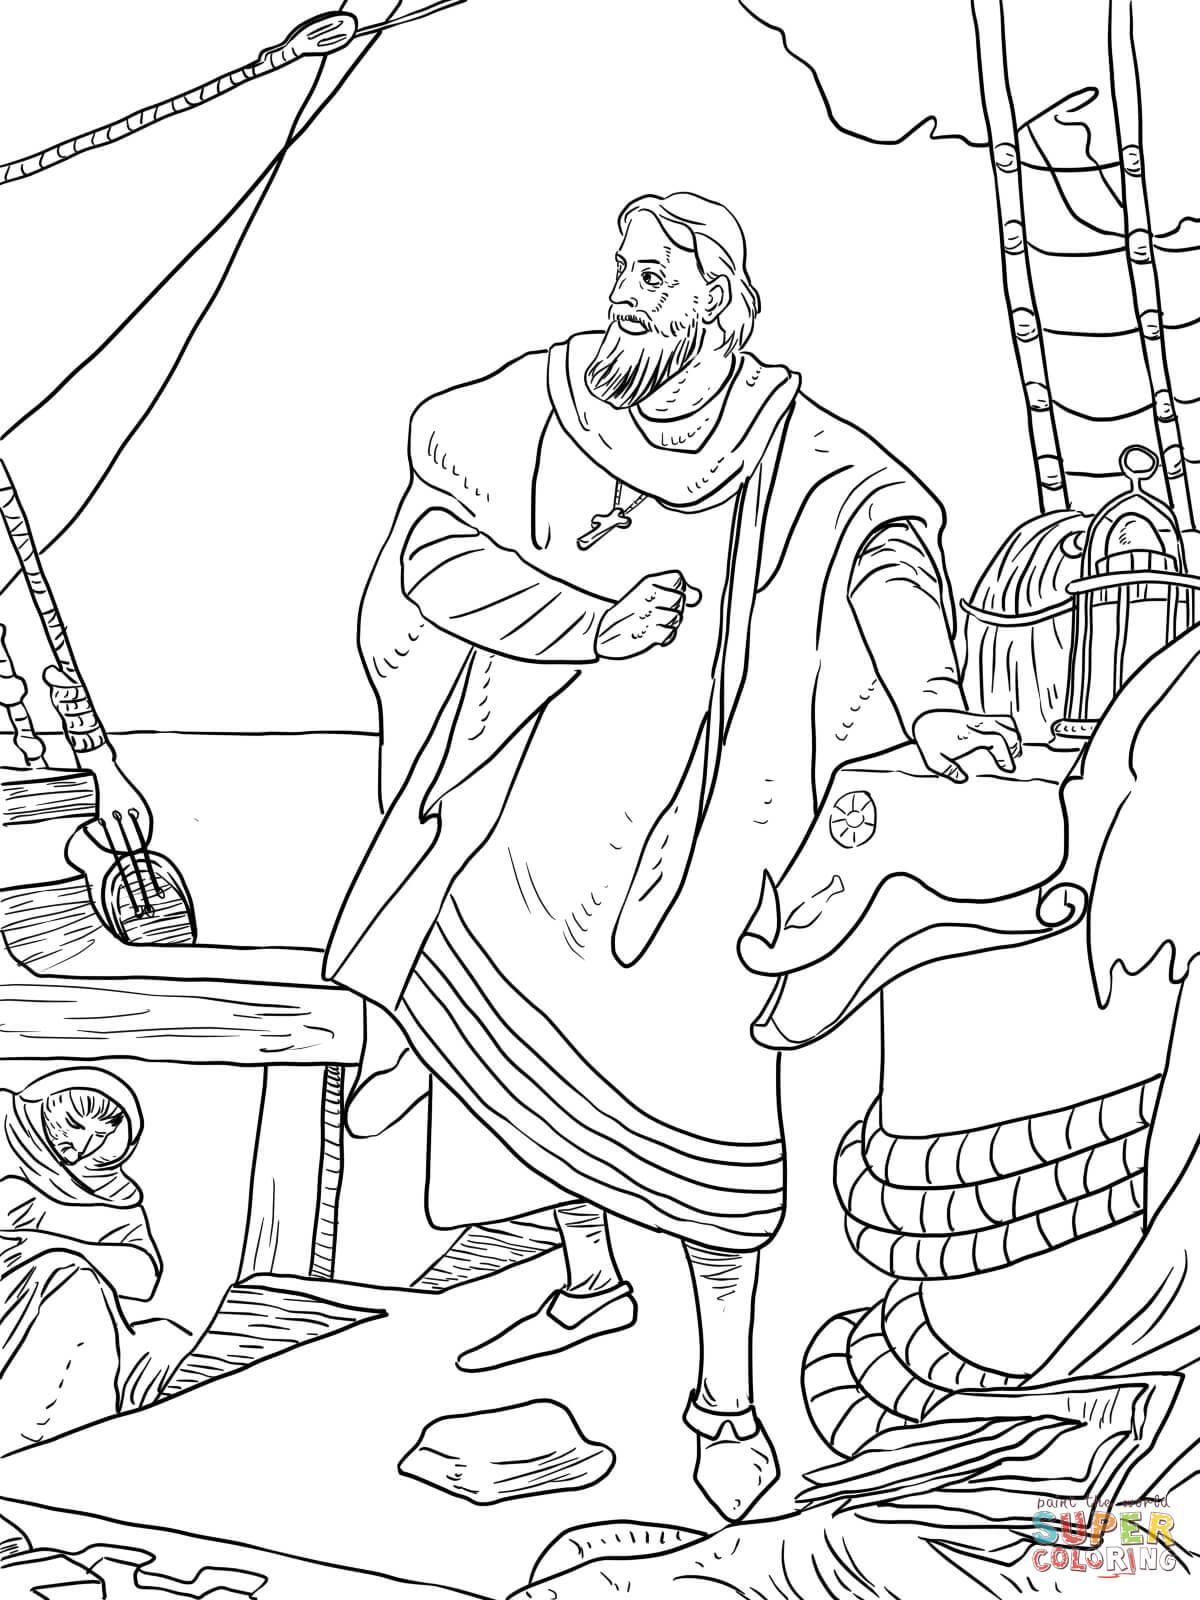 Columbus Day Drawing At Getdrawings